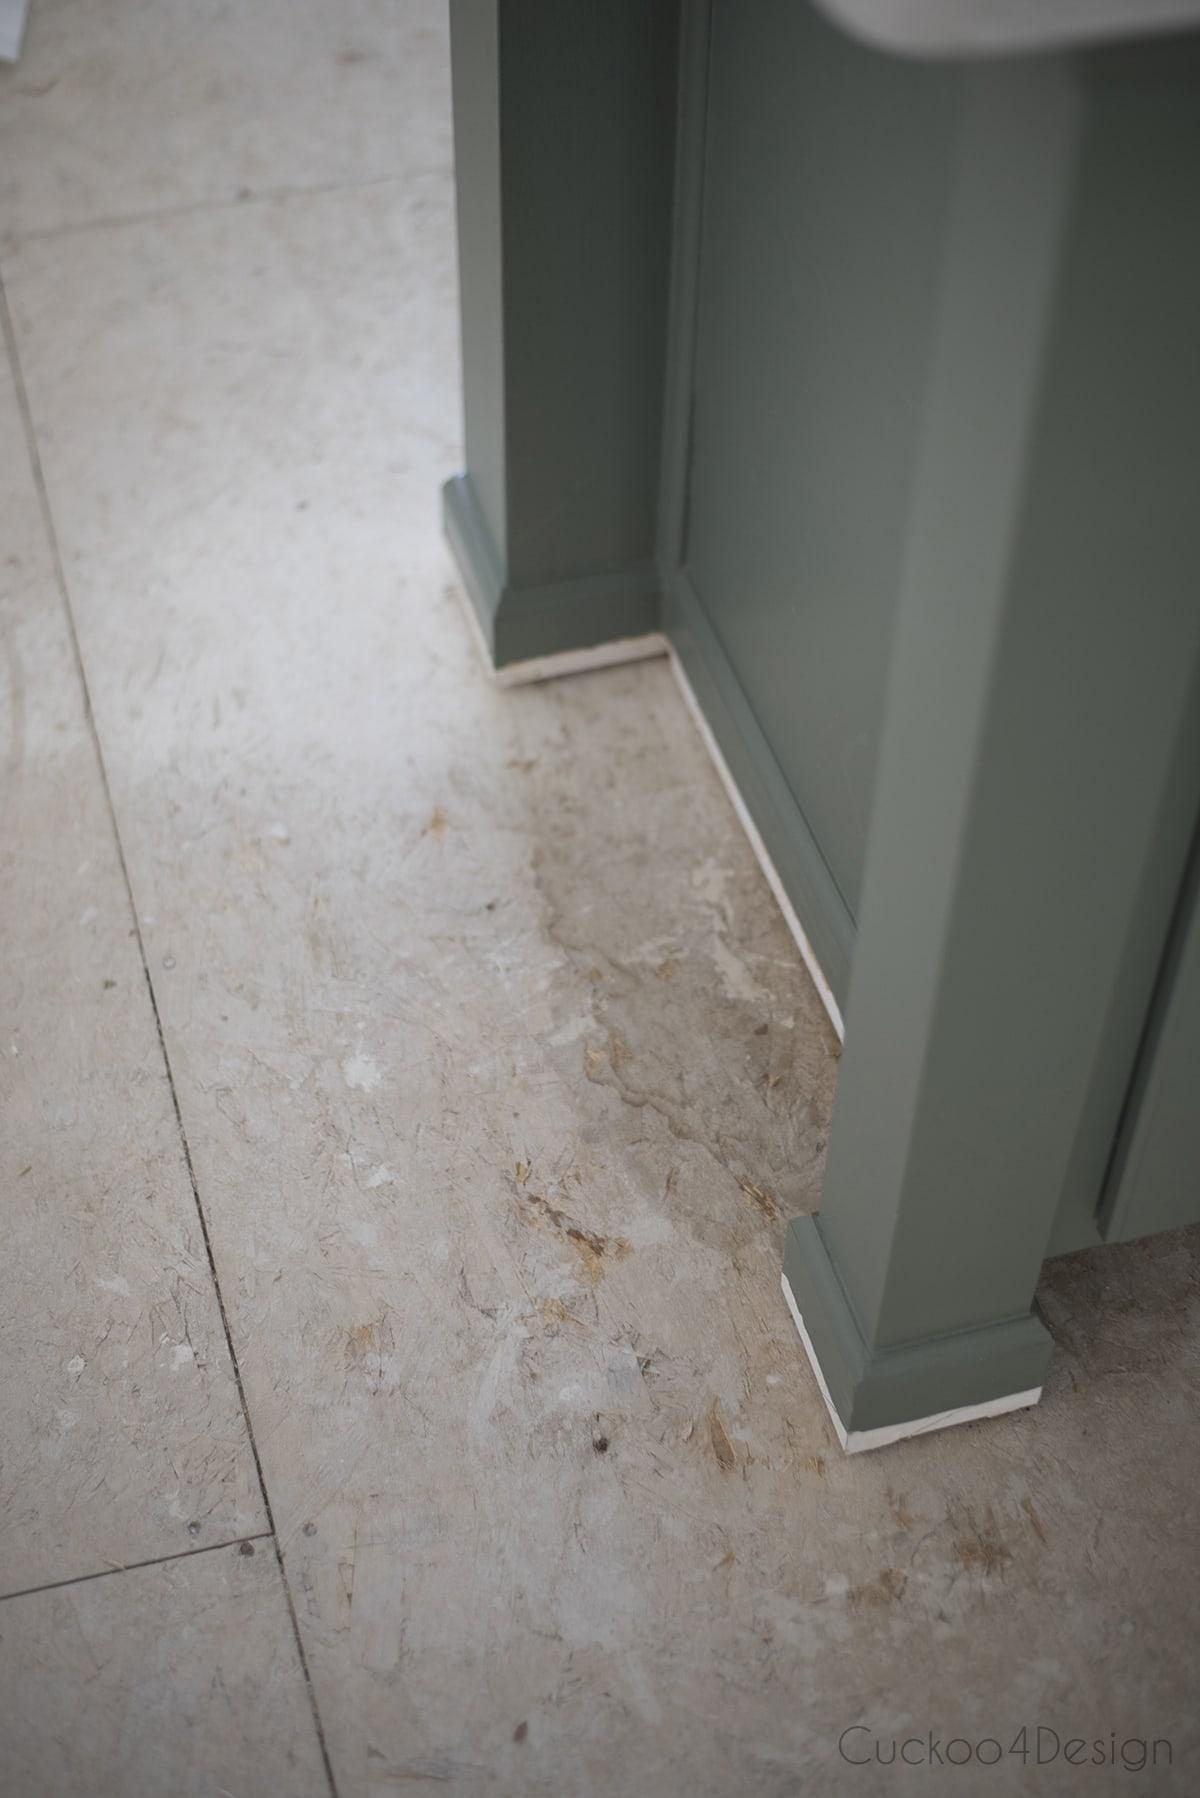 water stain under kitchen cabinet on subfloor